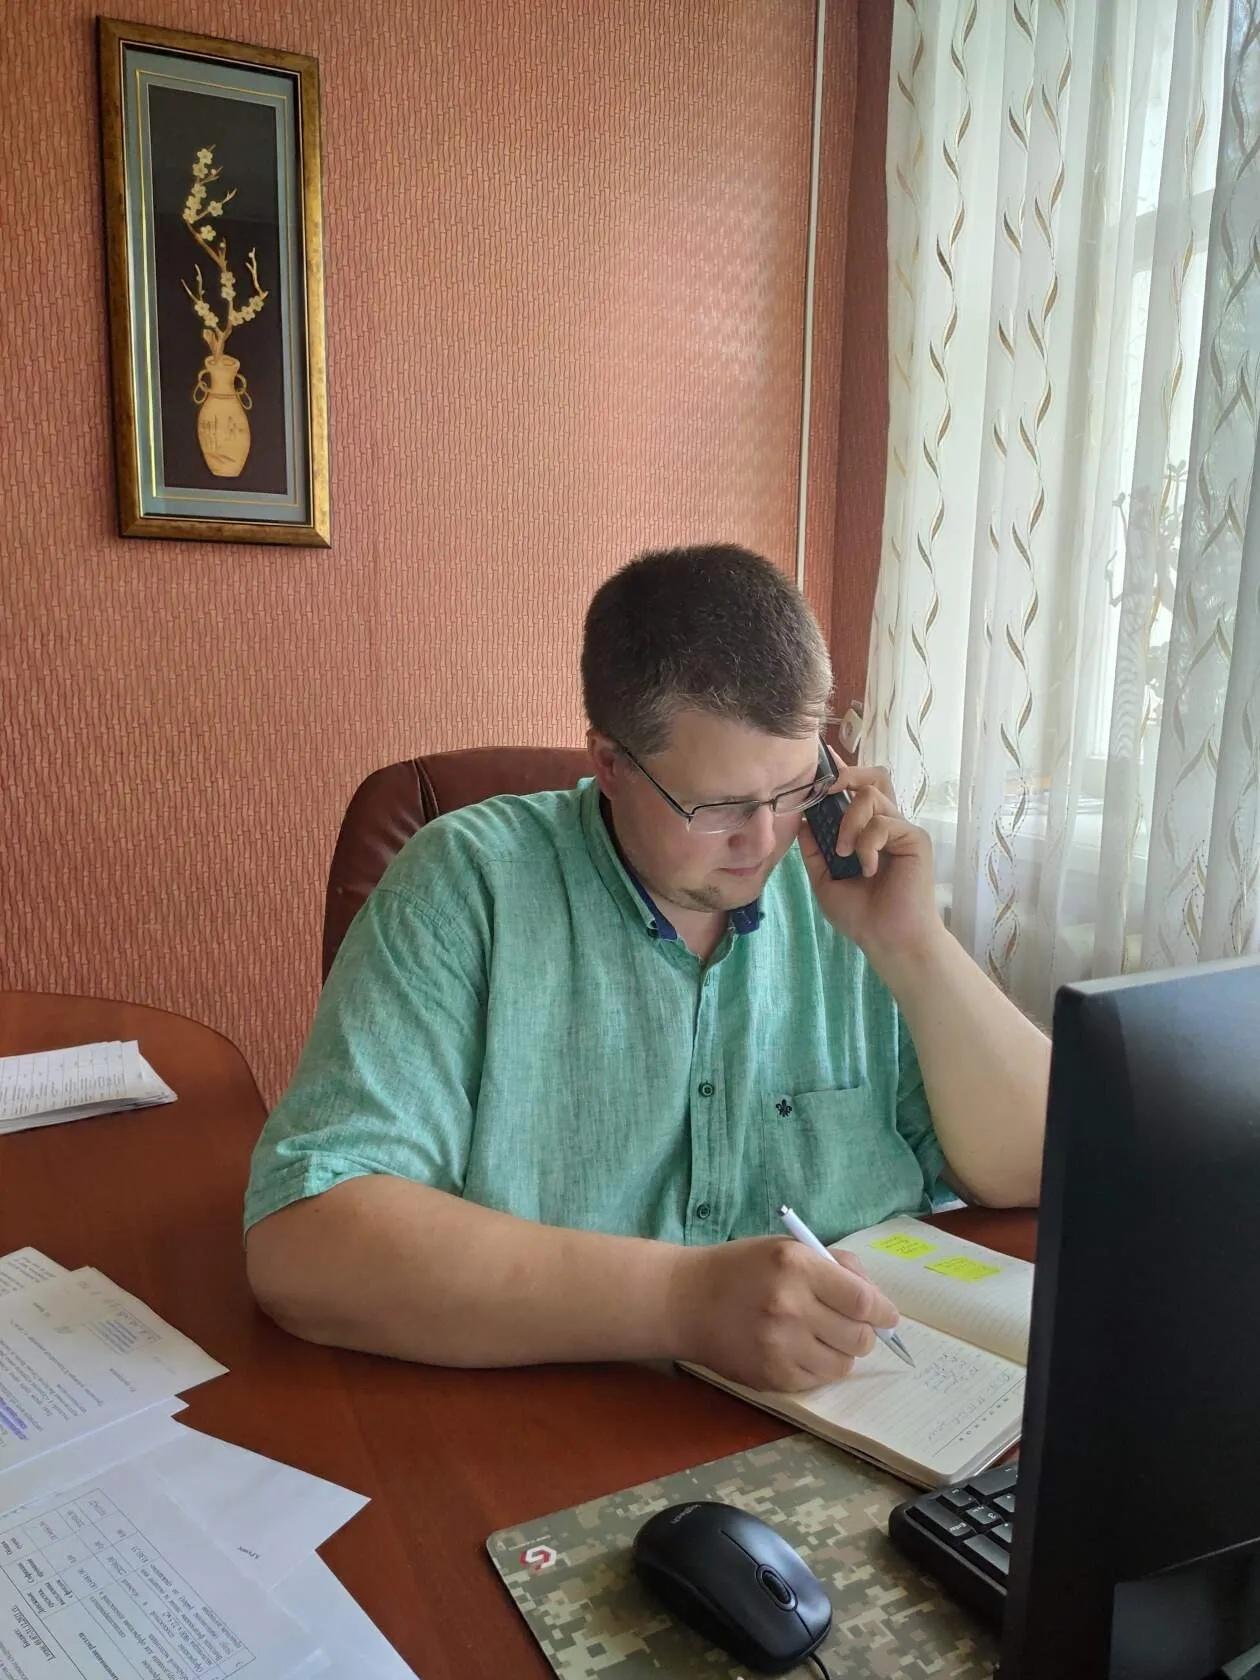 Сегодня, 17 августа, начальник управления культуры и кино Антон Биссаров провел приём граждан по личным вопросам